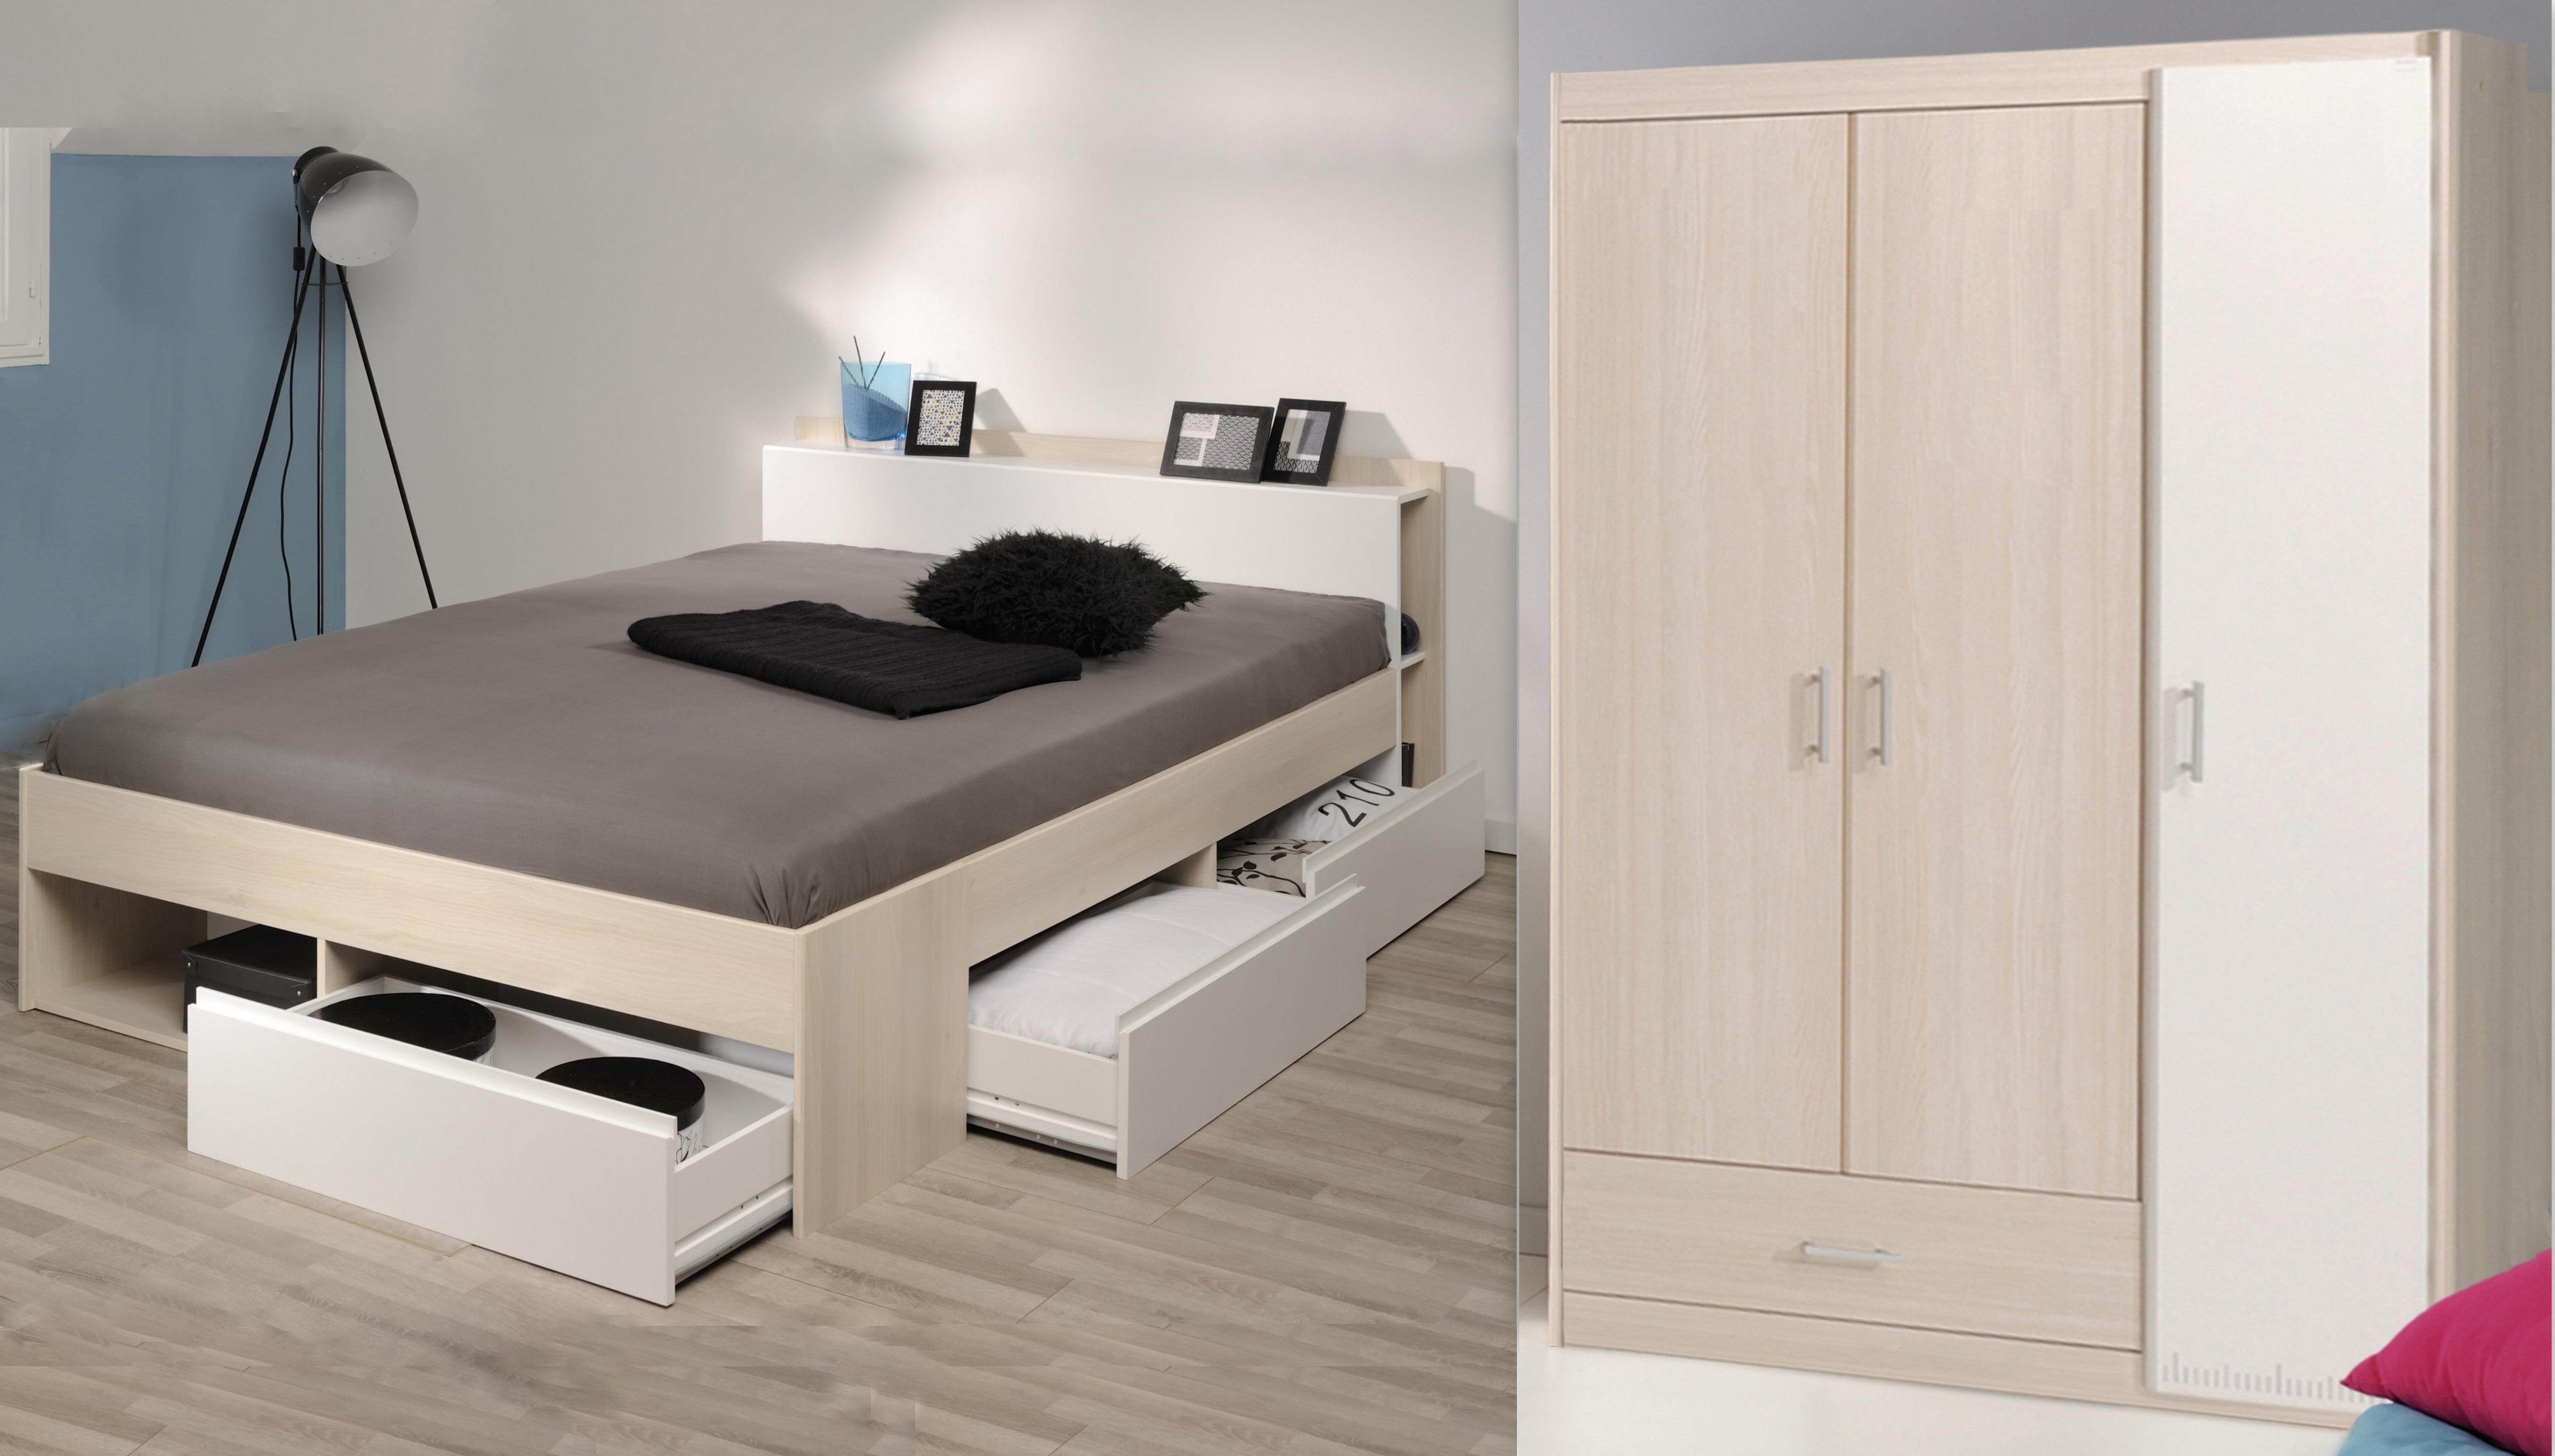 Schlafzimmer-Set 2-tlg inkl 140x200 Bett Bettkasten u Kleiderschrank ...